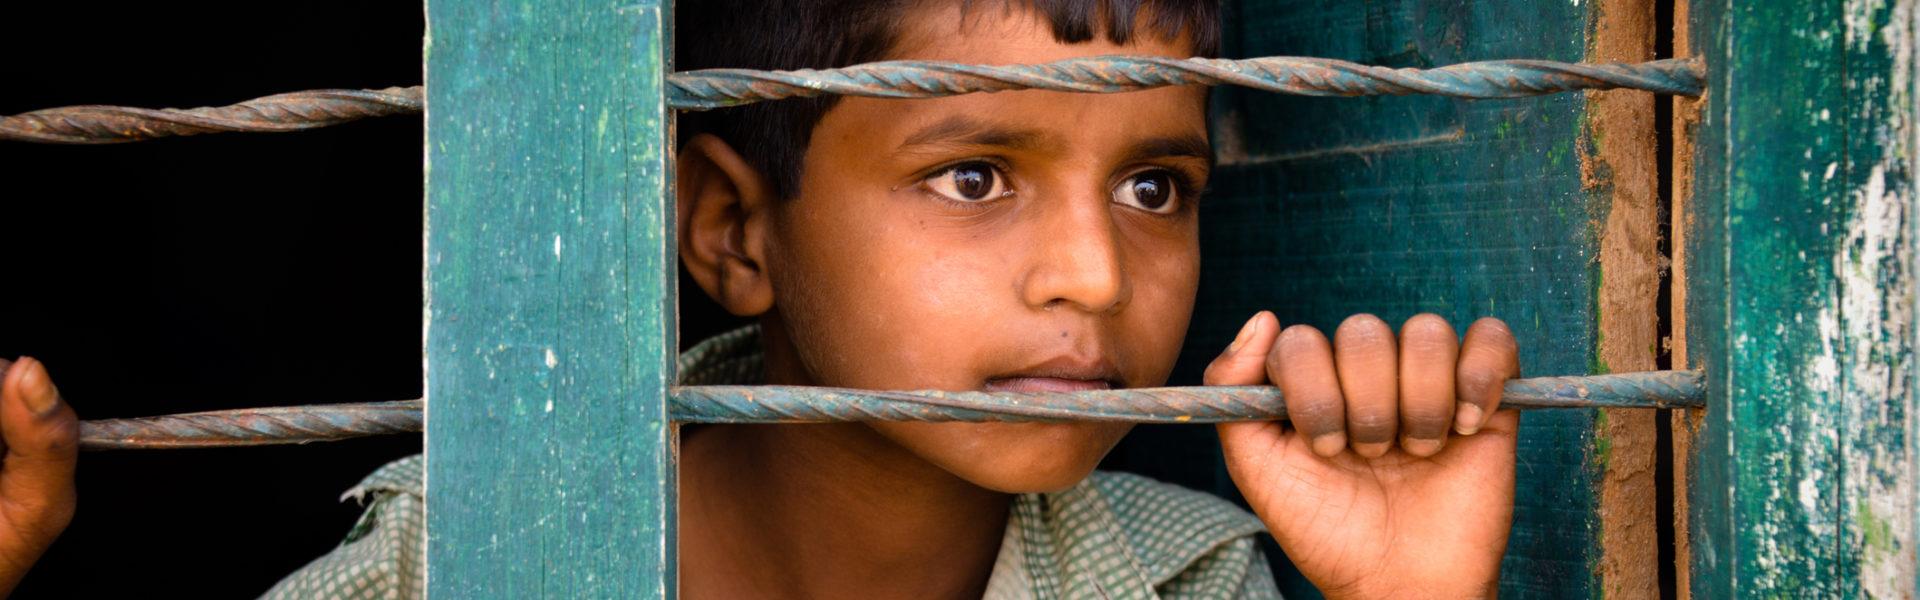 Trgovina ljudima u Srbiji – zablude, izazovi i napredak